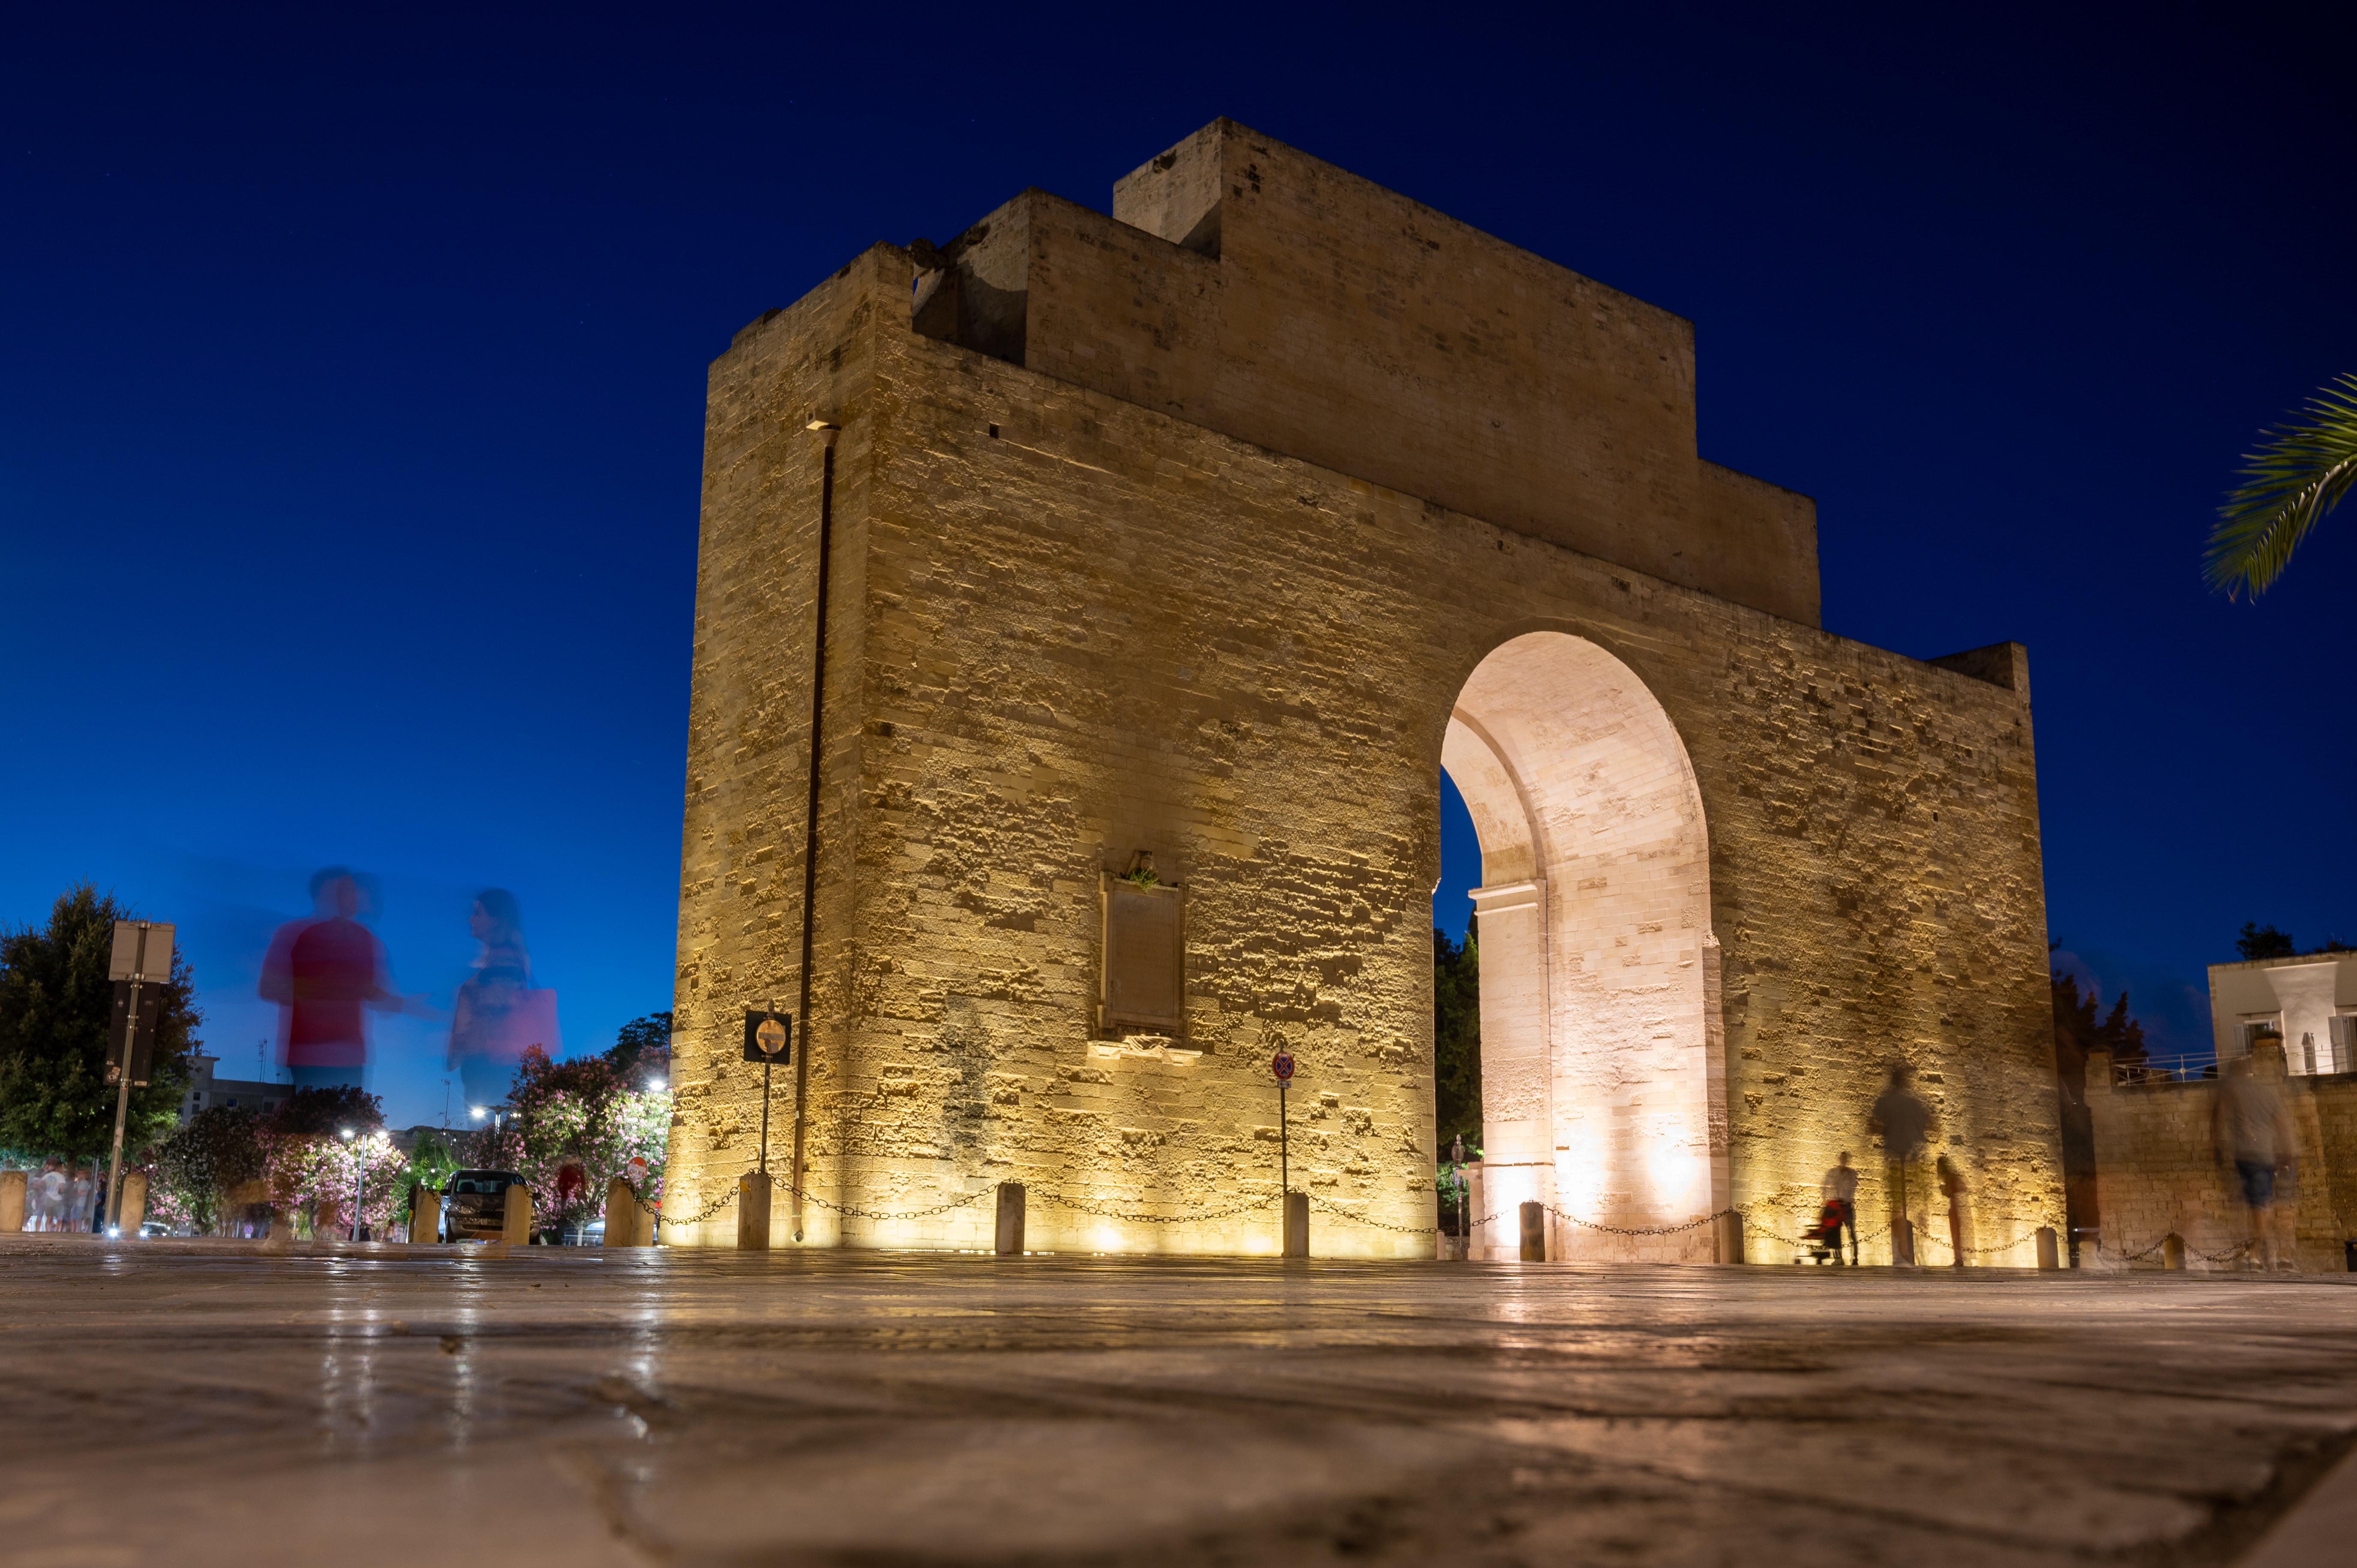 File:Ghostly night life at Porta Napoli in Lecce, Apulia ...